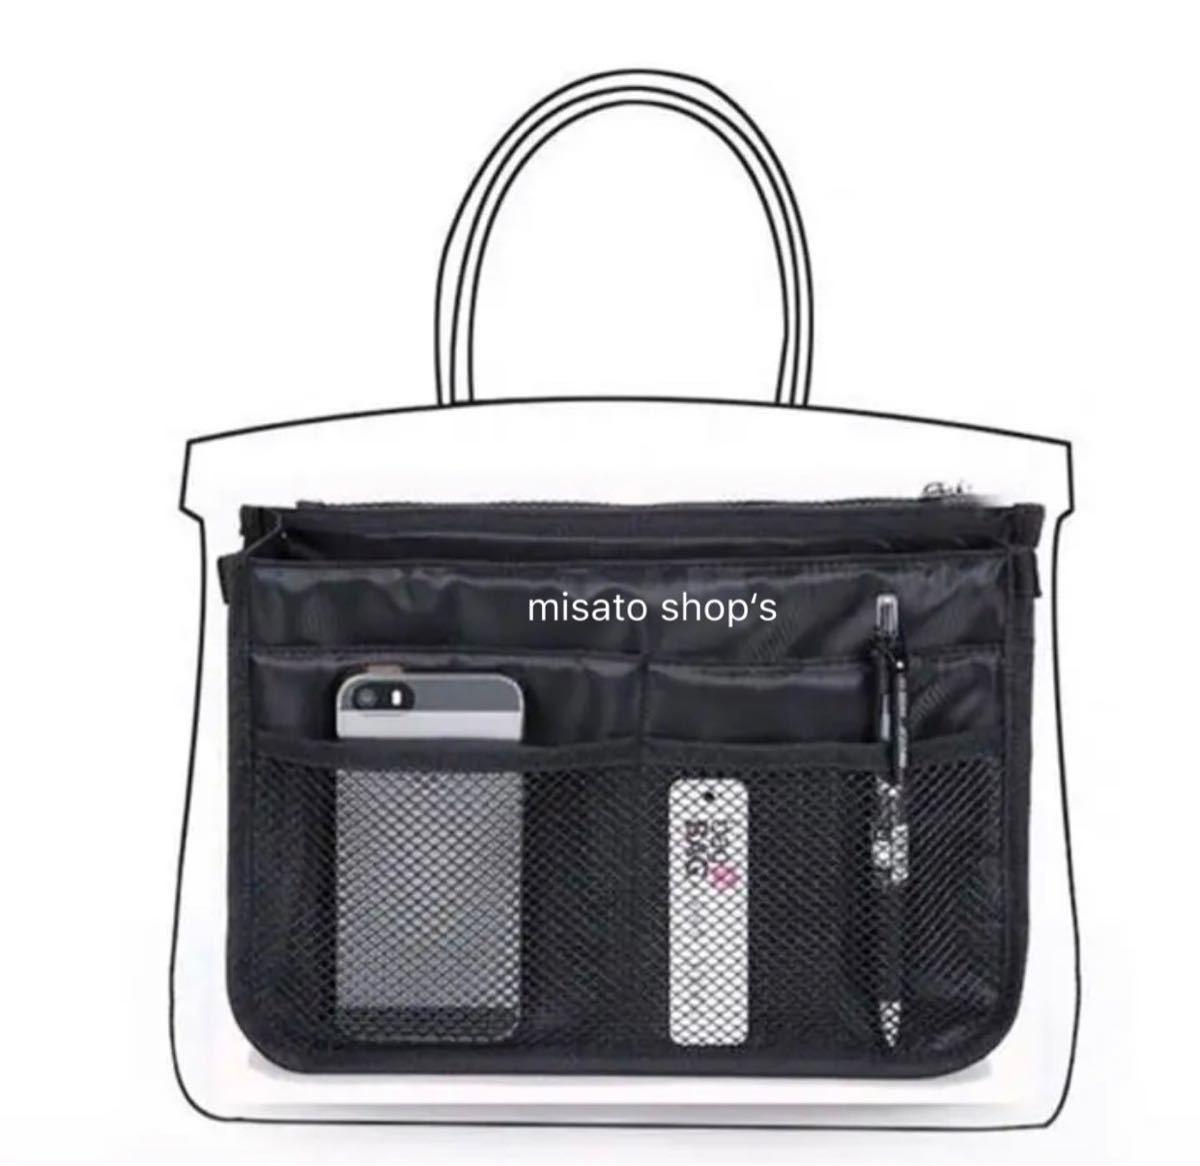 人気 バッグインバッグ 定番 インナーバッグ ブラック 男女兼用 収納バッグ